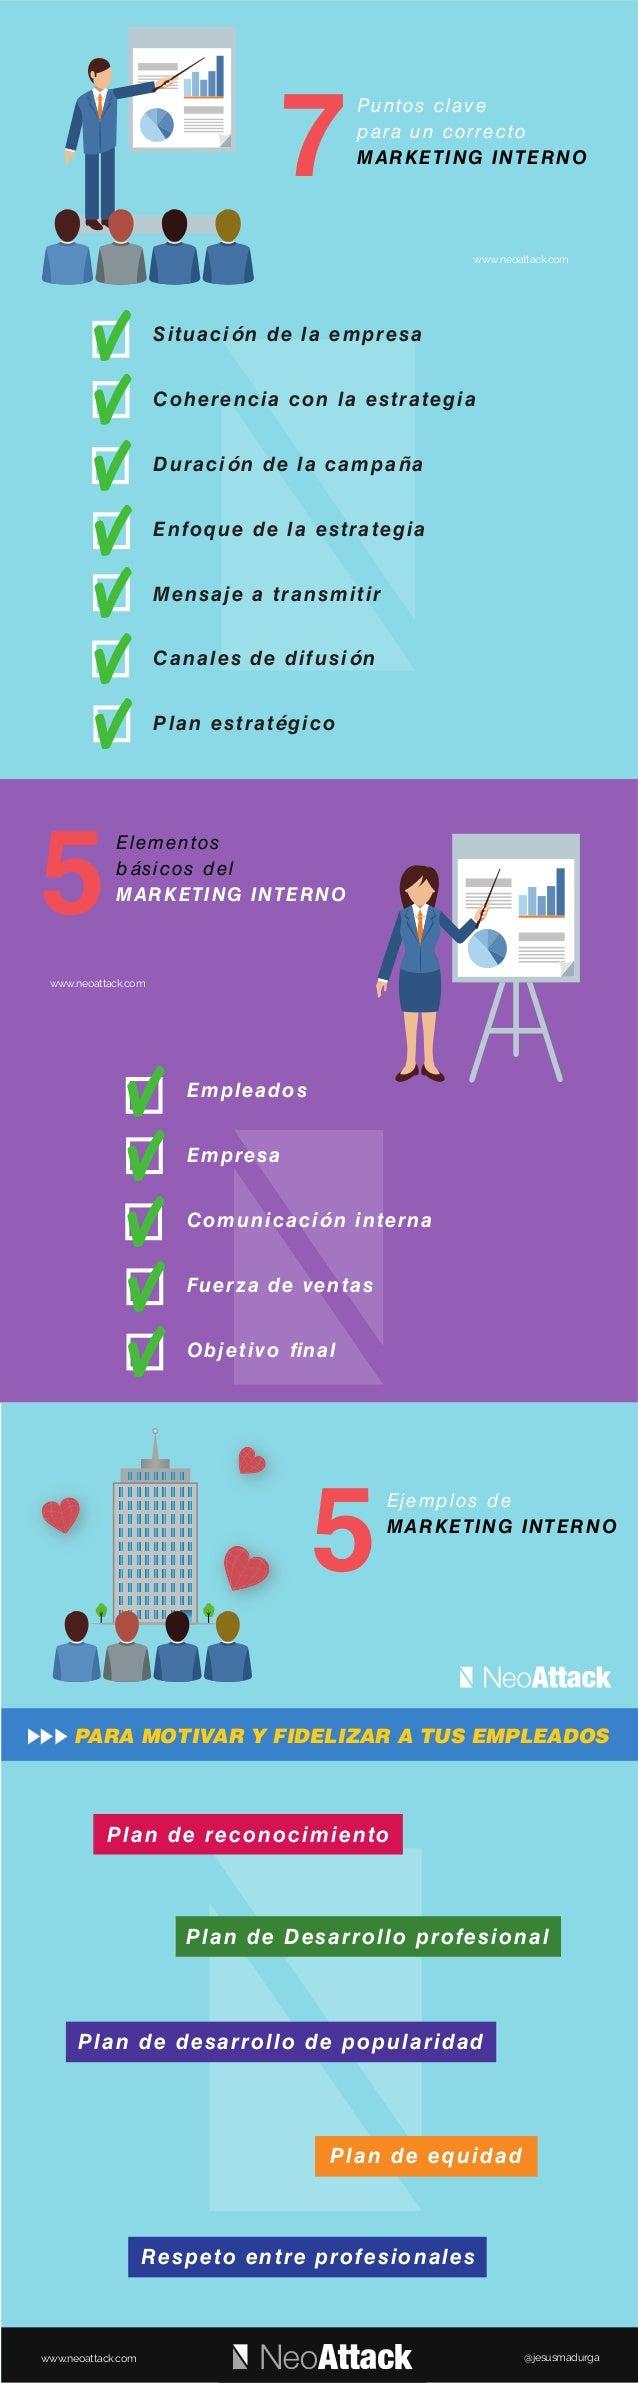 Elementos básicos del MARKETING INTERNO 5 Puntos clave para un correcto MARKETING INTERNO 7 Situación de la empresa Cohere...